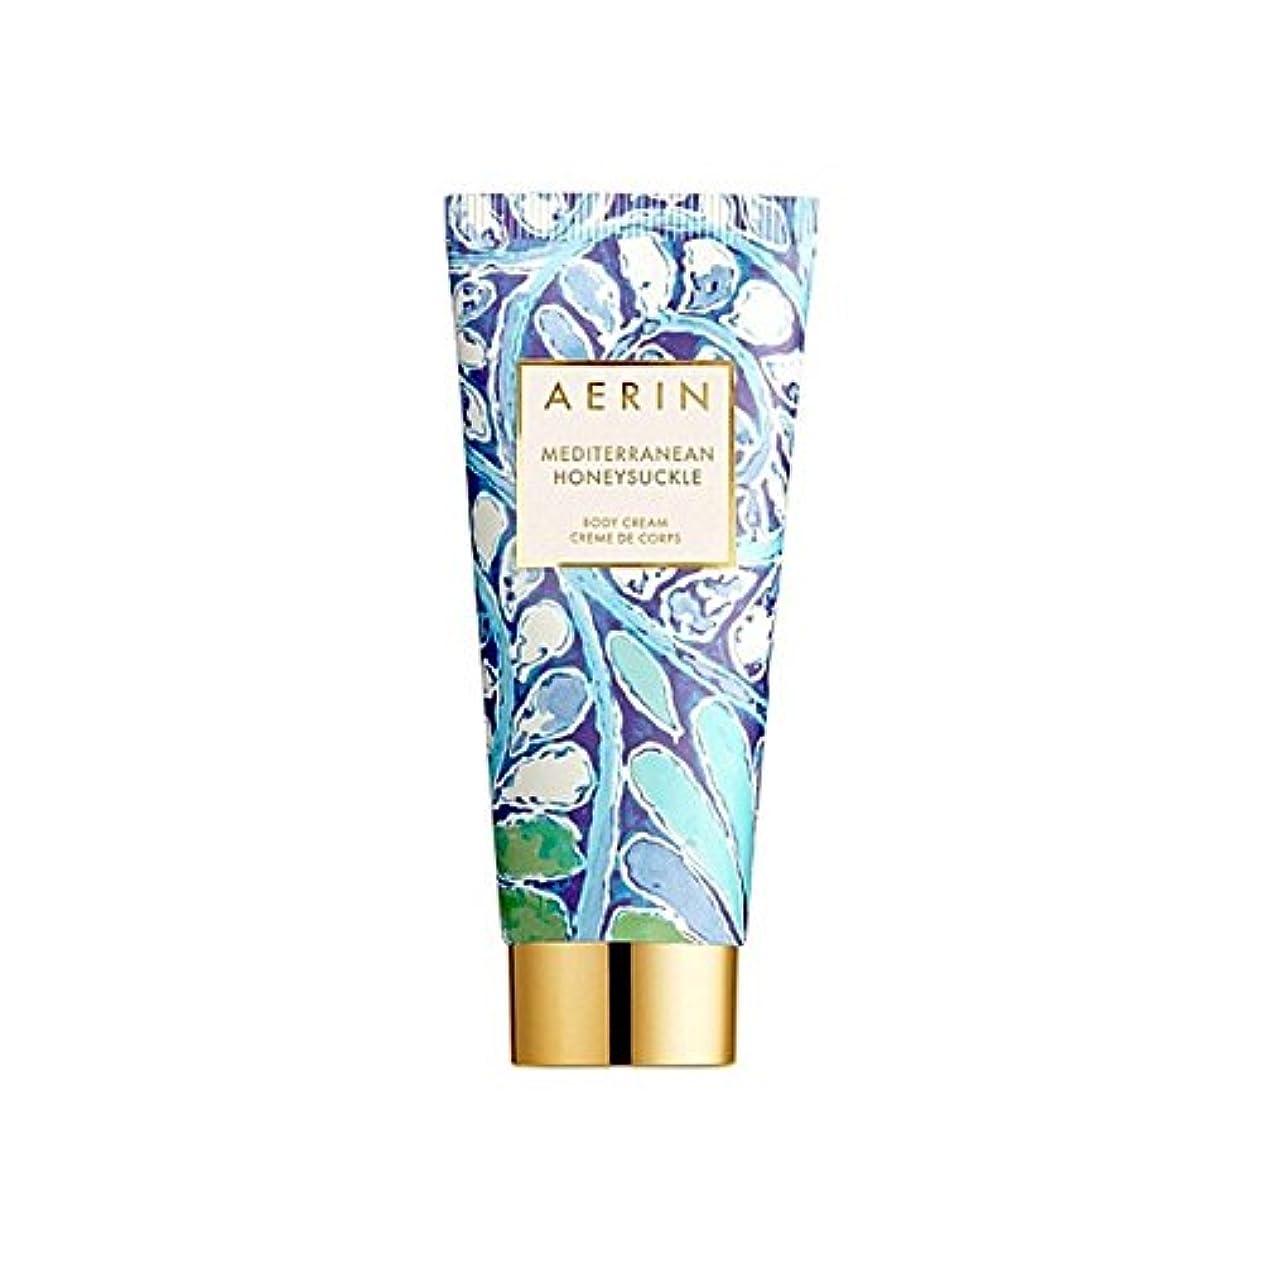 原始的な監督する教Aerin Mediterrenean Honeysuckle Body Cream 150ml - スイカズラボディクリーム150ミリリットル [並行輸入品]